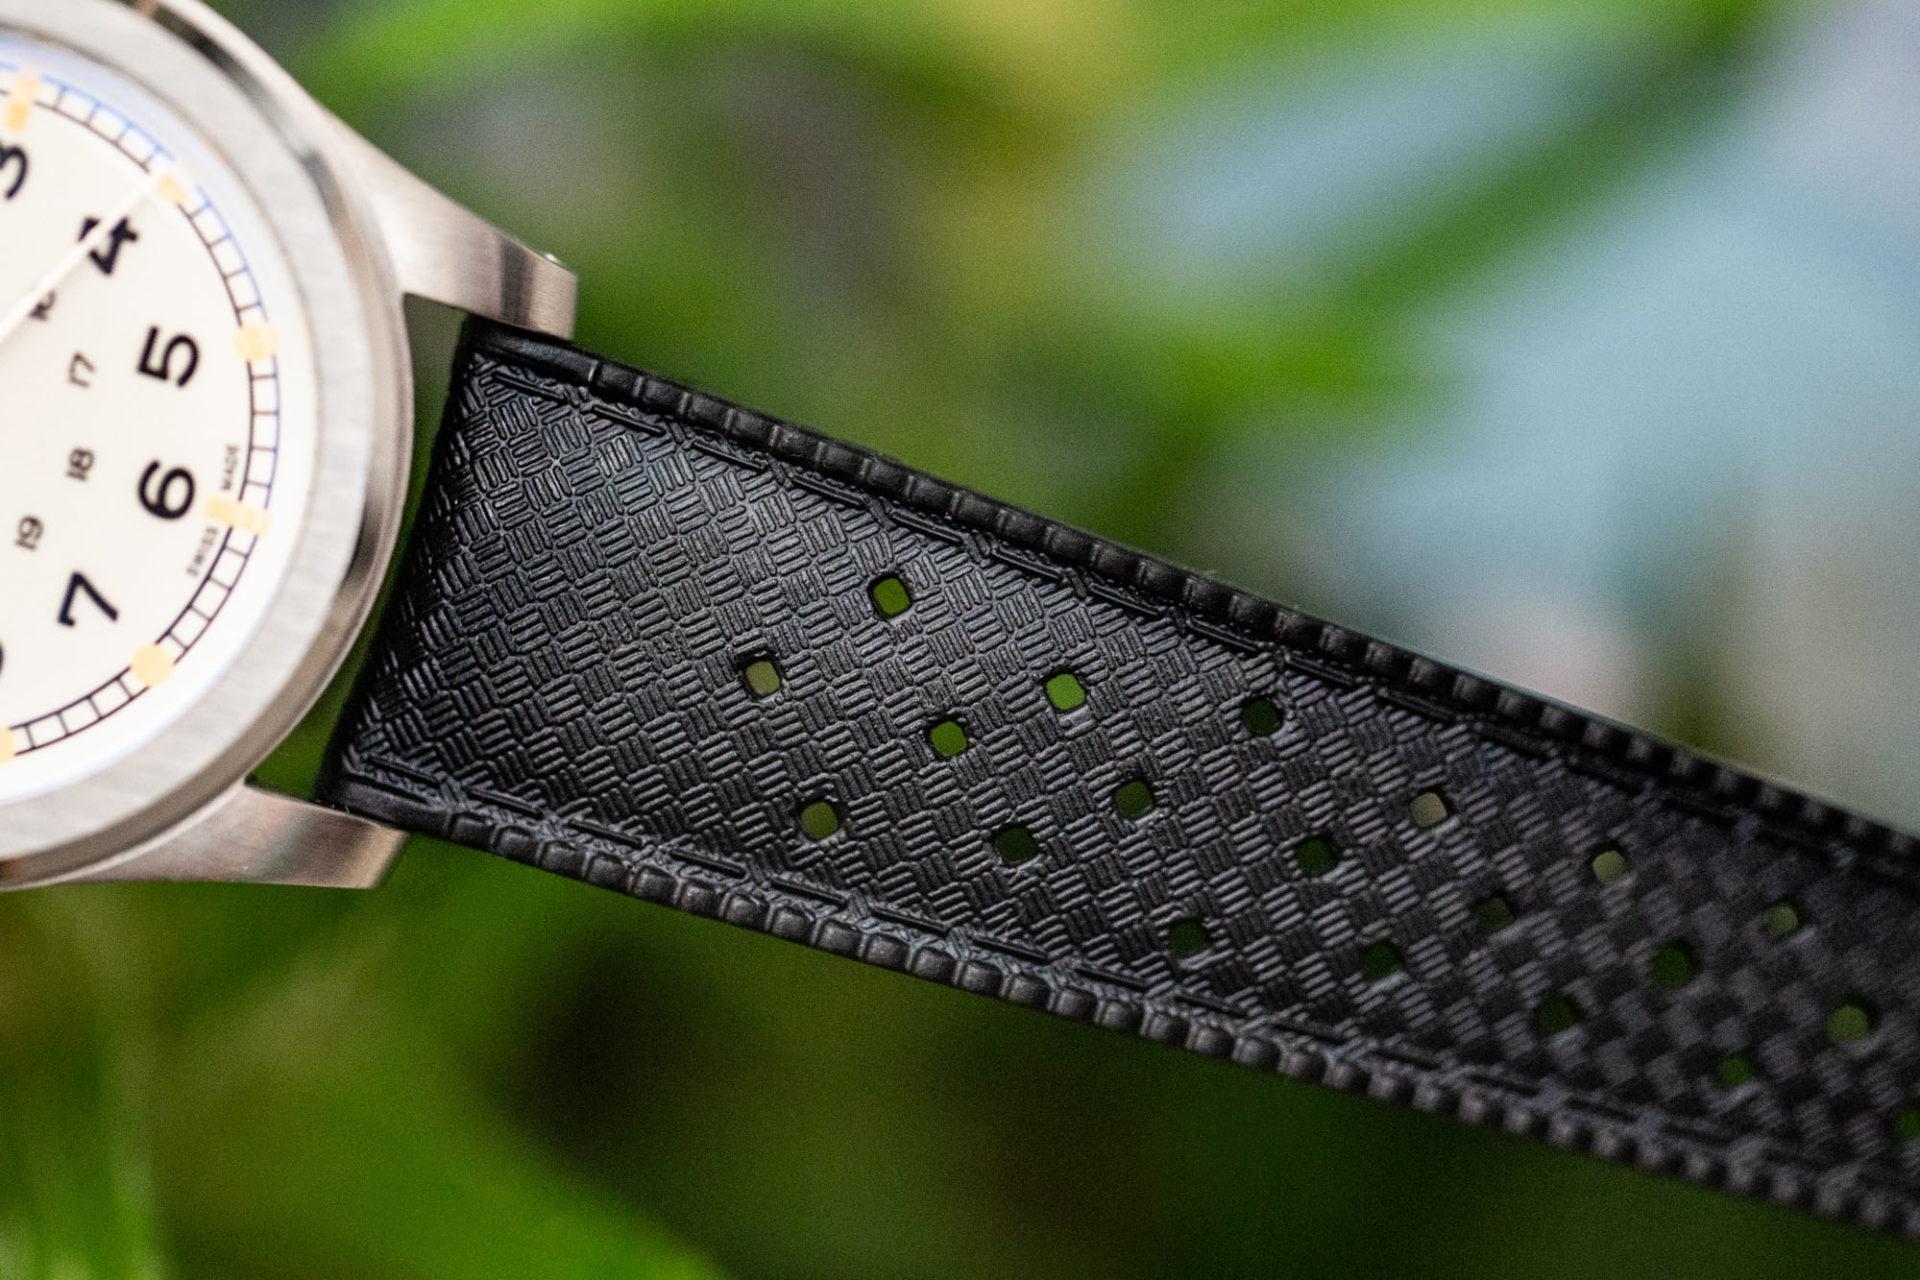 Bracelet Tropic Joseph Bonnie - Bracelet Tropic en caoutchouc vulcanisé - Montre SERICA W.W.W.